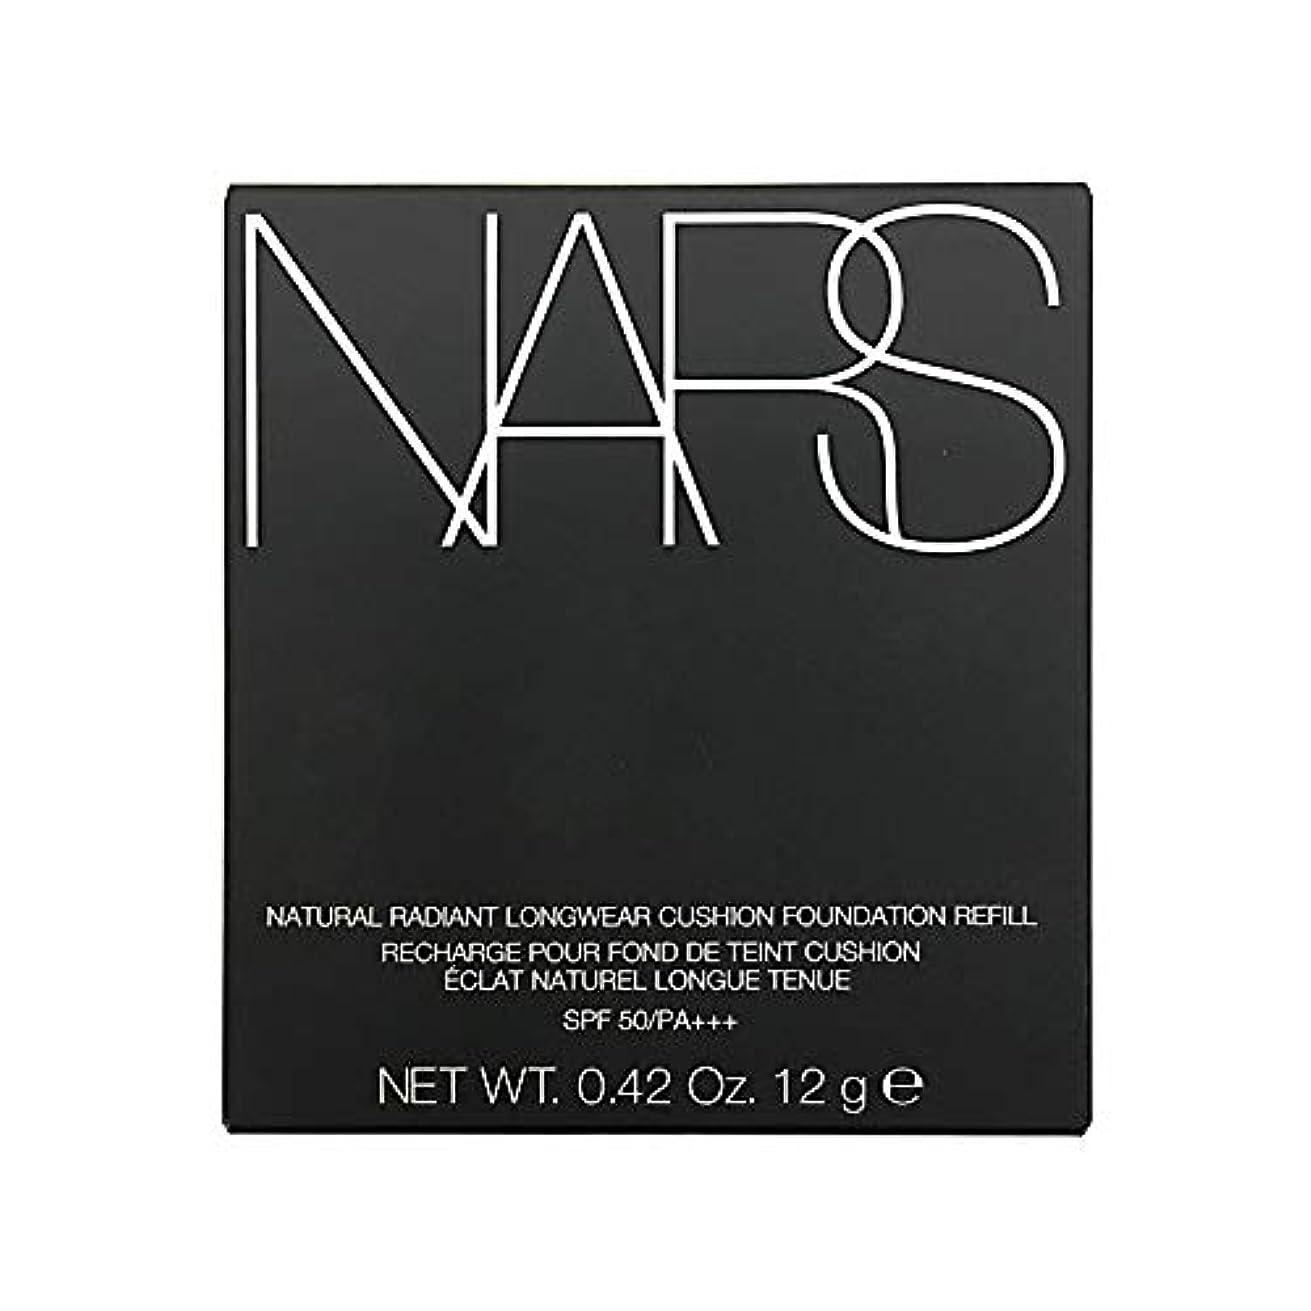 低いホステス剃るナーズ/NARS ナチュラルラディアント ロングウェア クッションファンデーション(レフィル)#5879 [ クッションファンデ ] [並行輸入品]